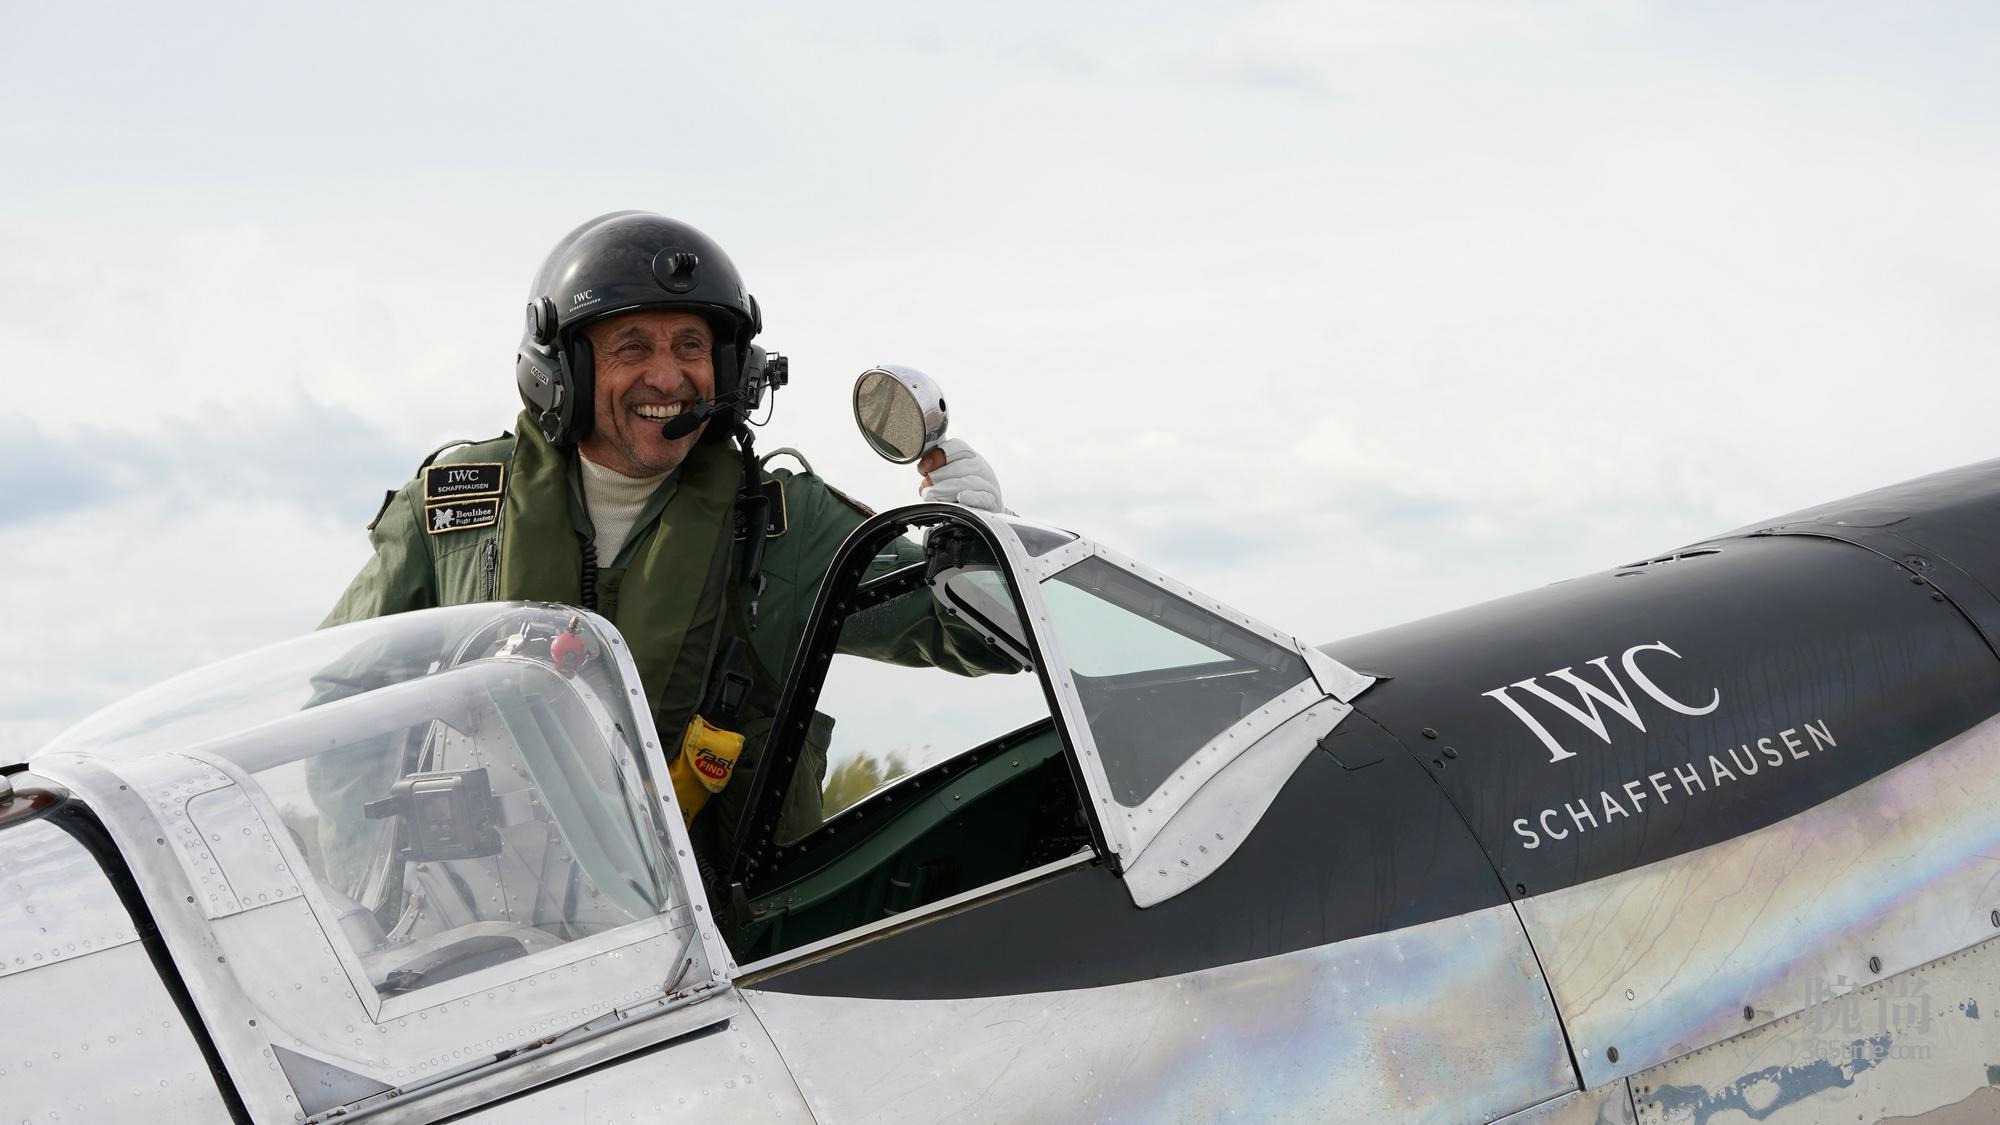 """1. IWC万国表""""银翼喷火战斗机之最长的飞行"""":提前抵达阿拉斯加.jpg"""